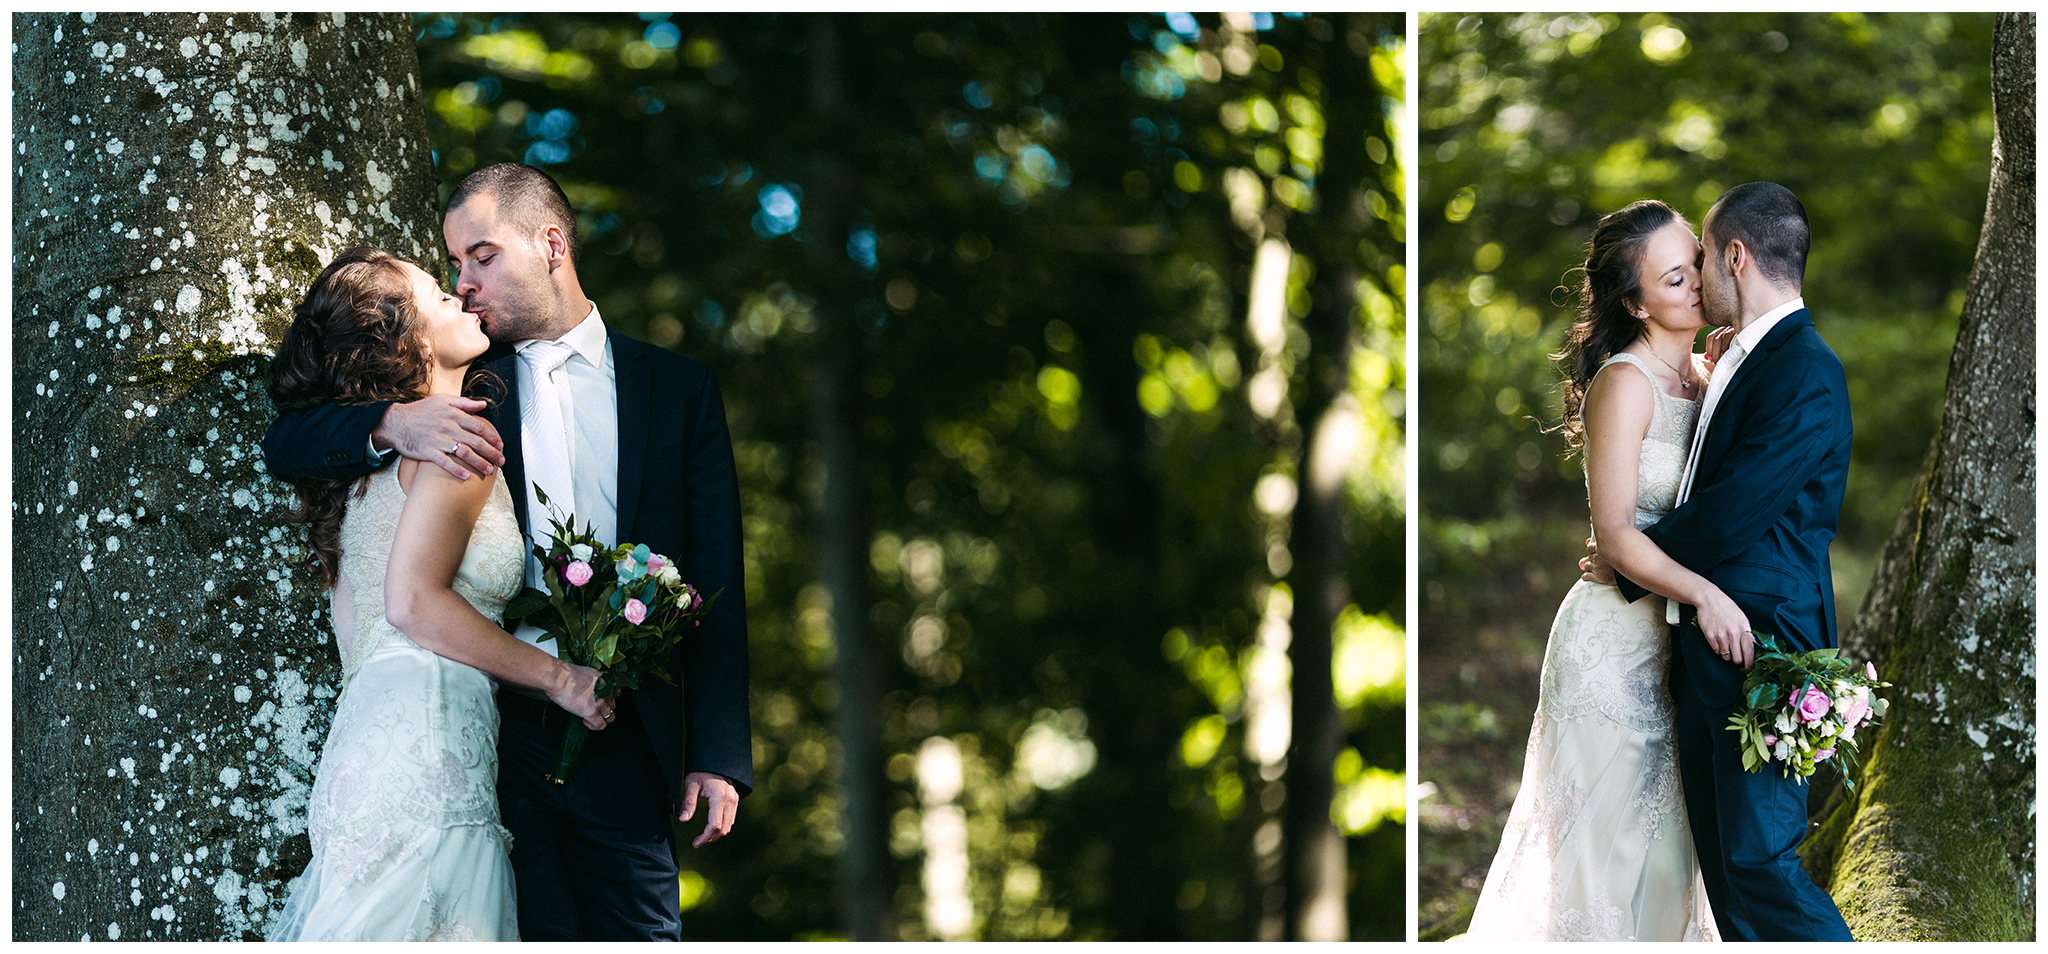 Esküvőfotós Vasmegye, Esküvő fotózás, Esküvői fotós, Körmend,Őrség, Balaton, Vas megye, Dunántúl, Budapest, Fülöp Péter, Jegyes fotózás, jegyes, Balaton, kreatívfotózás,Wien,Ausztira,Österreich,hochzeitsfotograf_ZSB_3.jpg